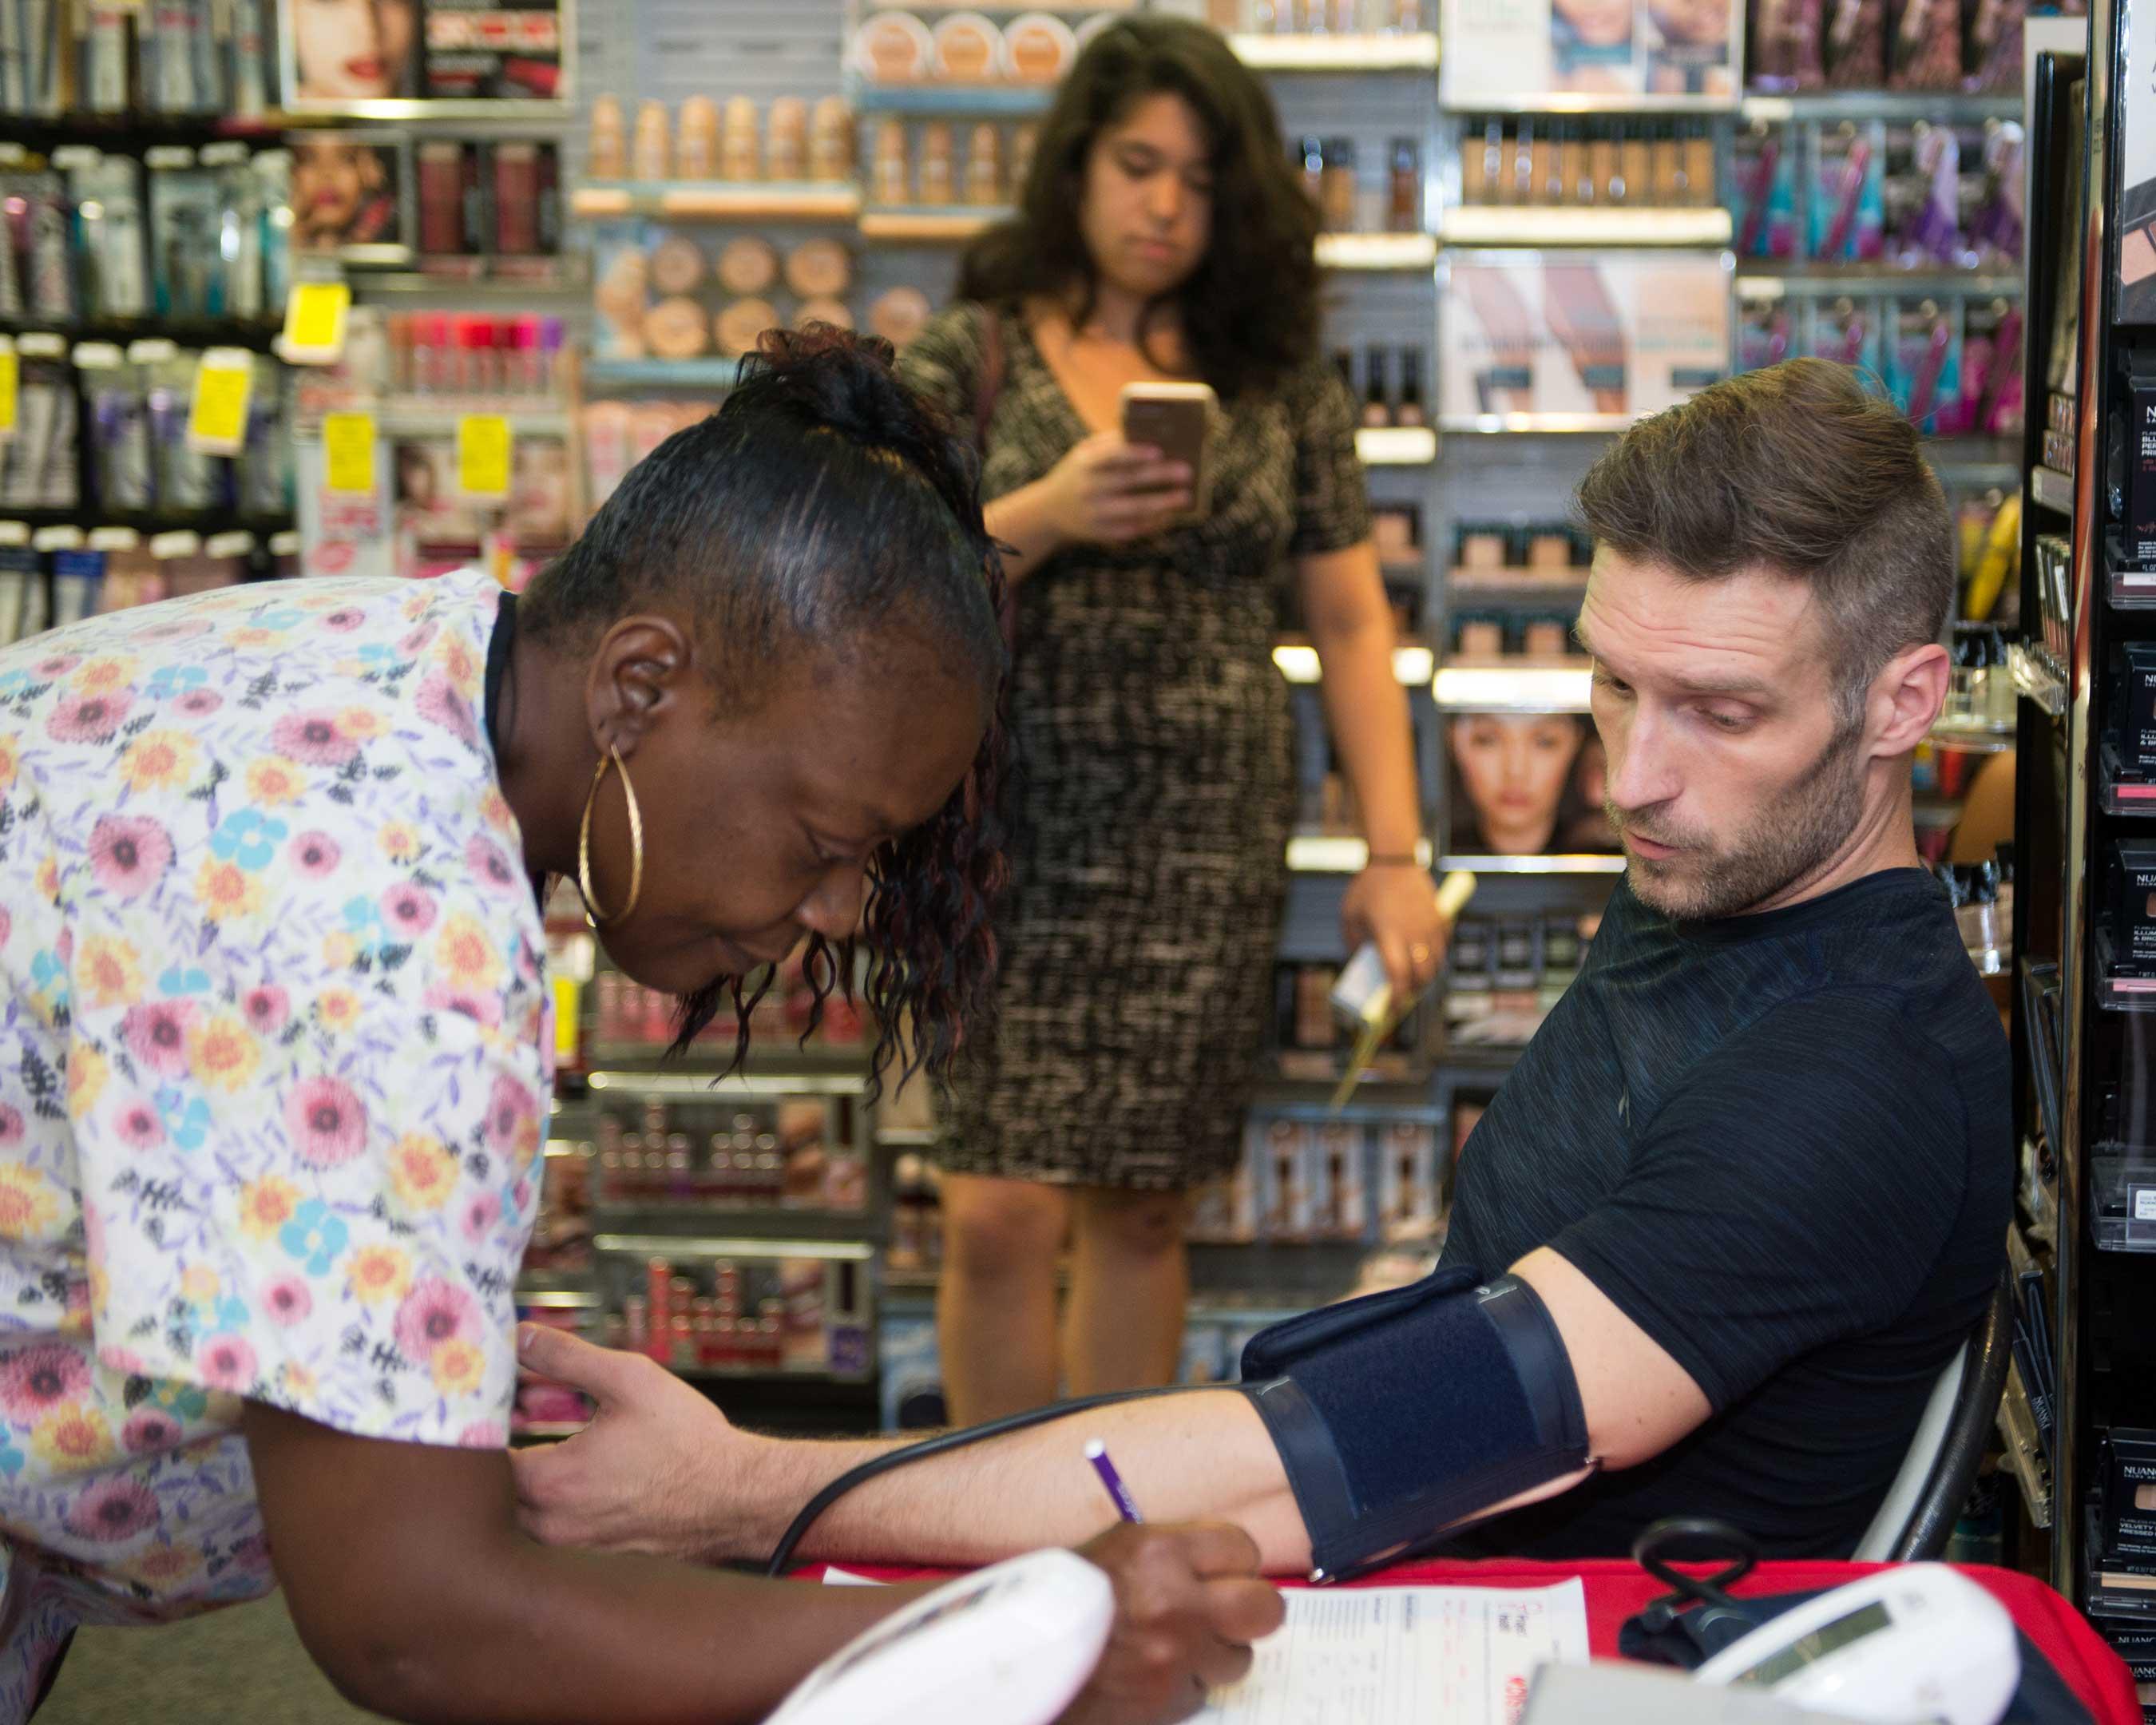 Man Gets BP Screening at Project Health